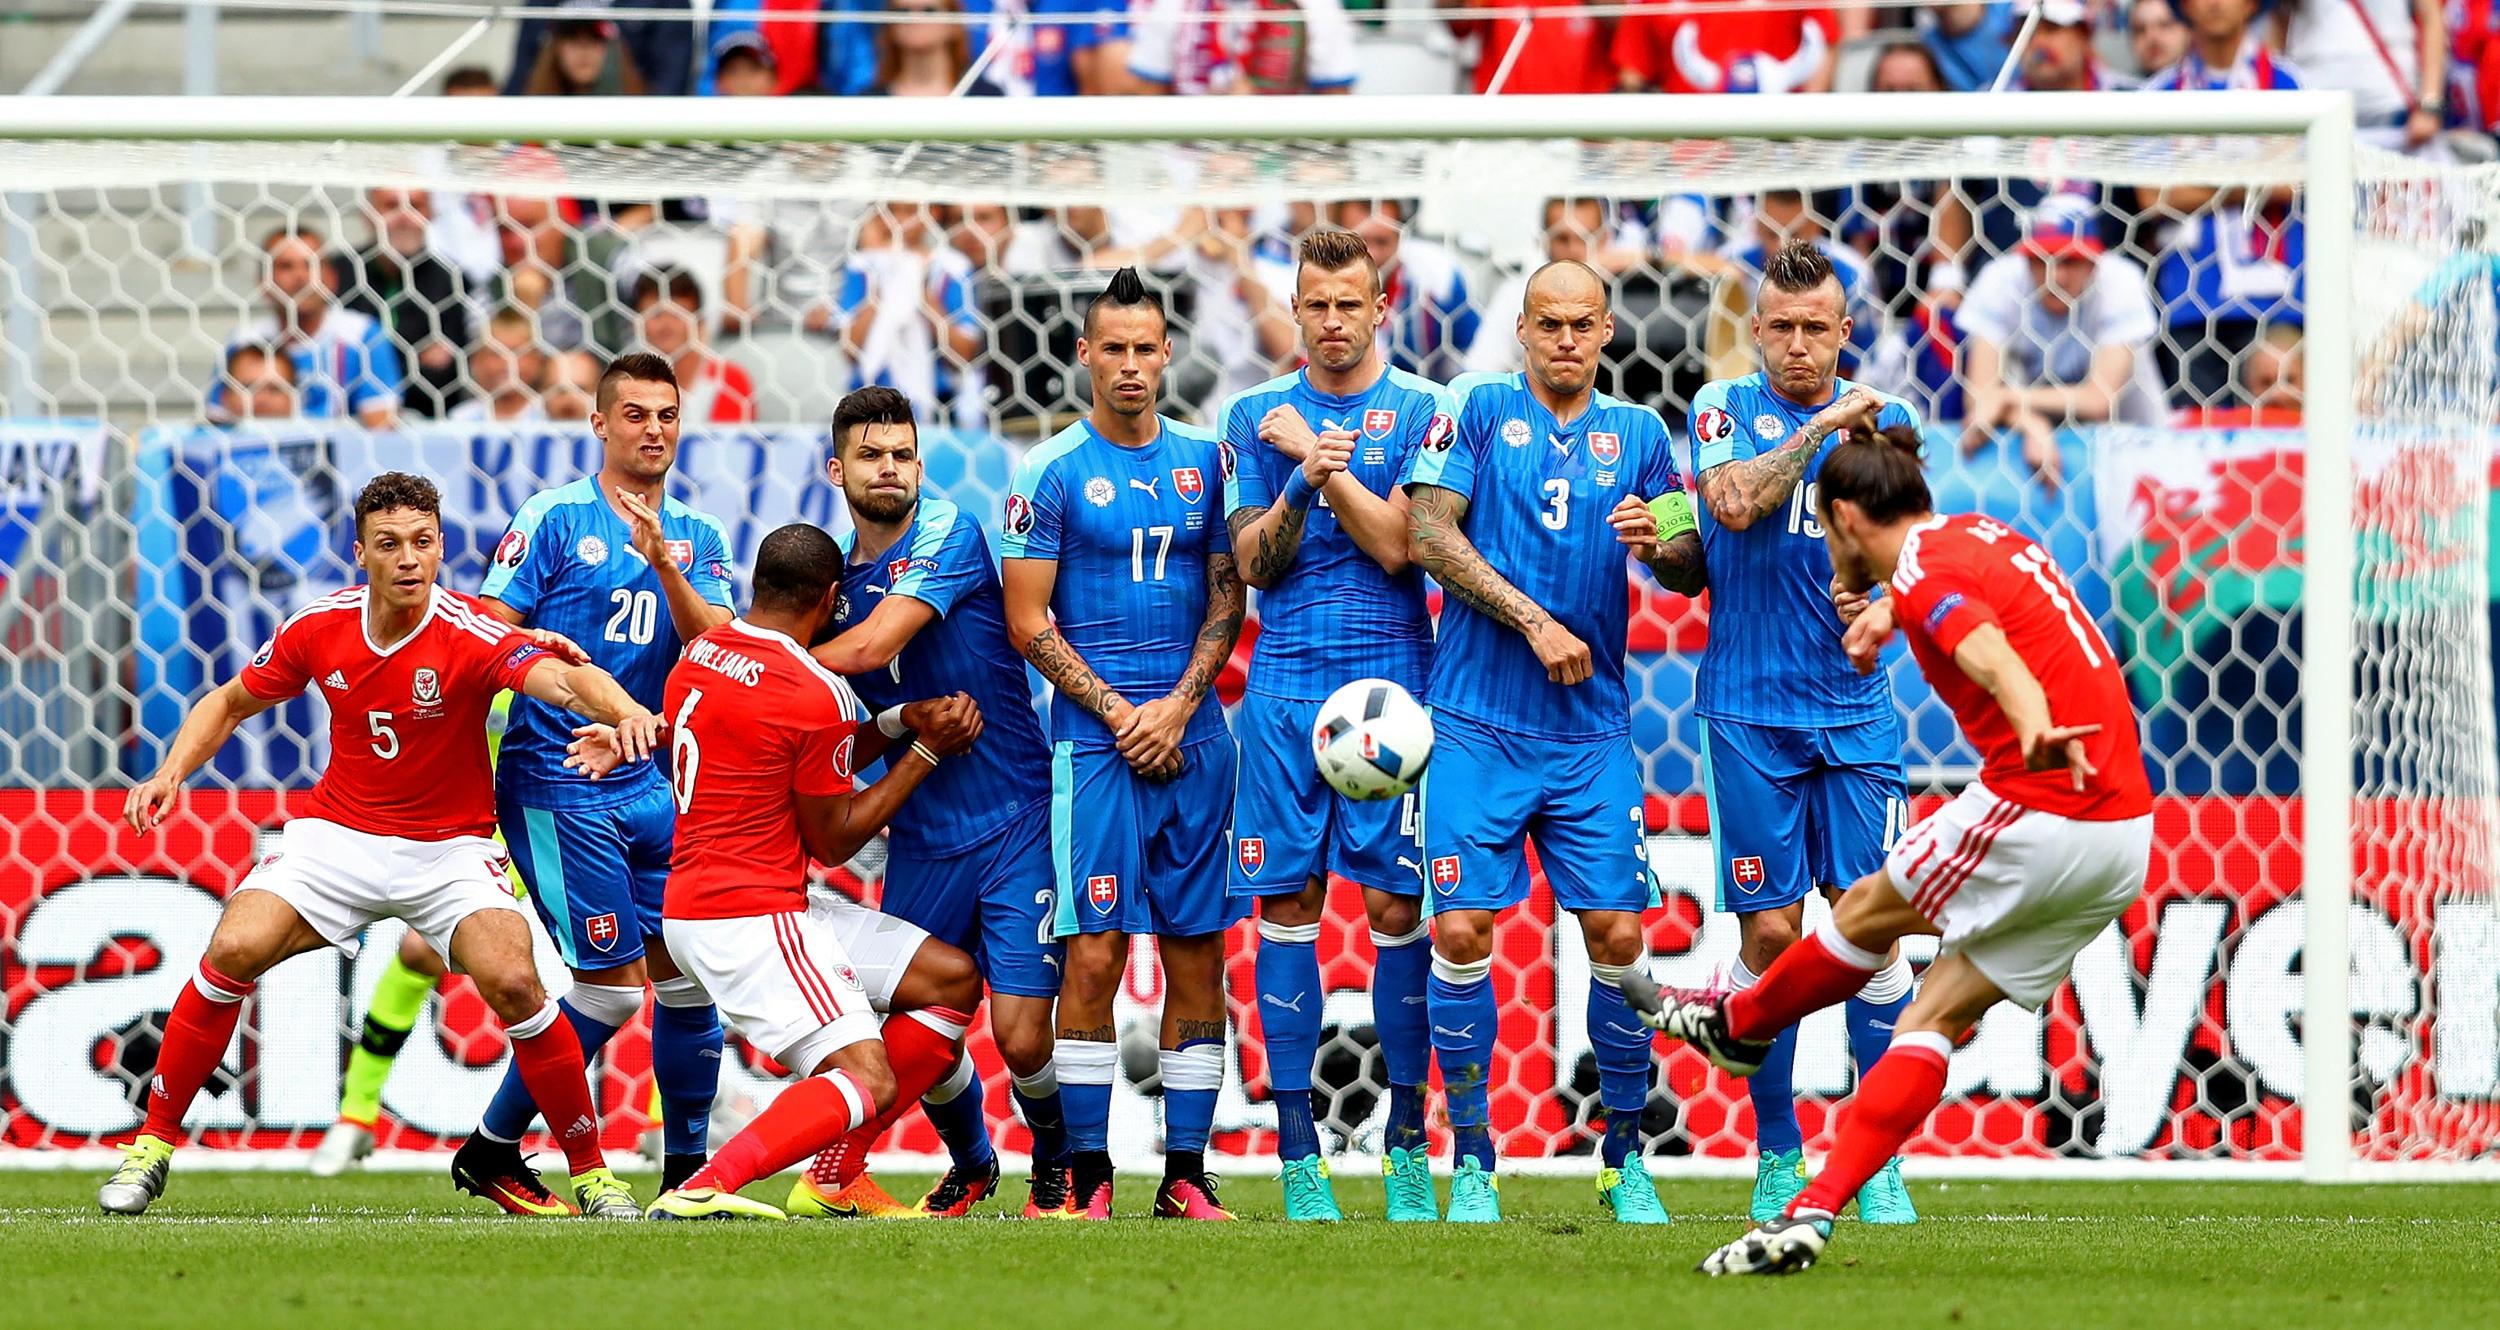 Gareth Bale scorer på frispark mod Slovakiet overfor en meget bred slovakisk mur med hele seks spillere i. Foto: Getty Images/Dean Mouhtaropoulos